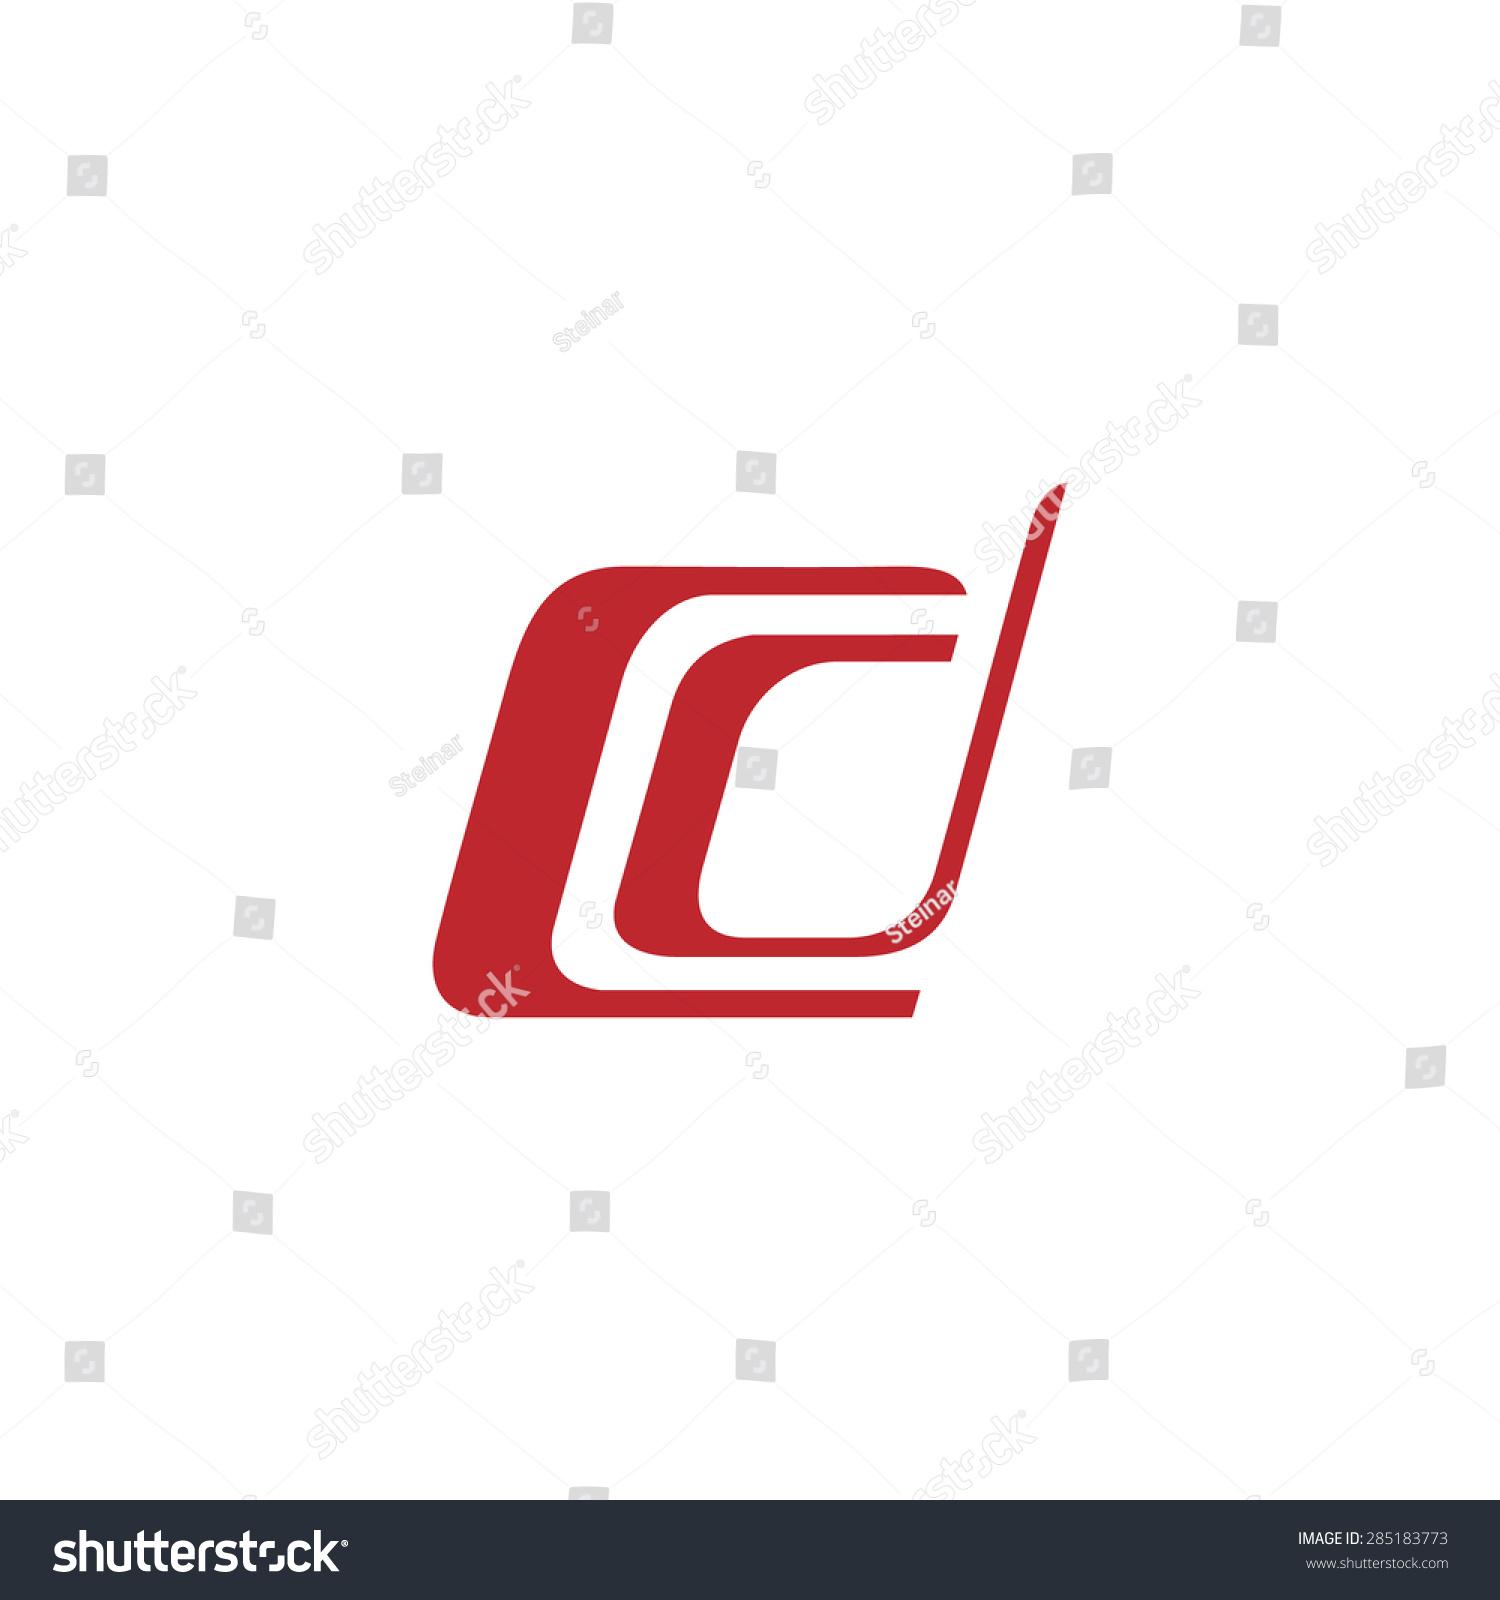 字母c和d的迹象图片